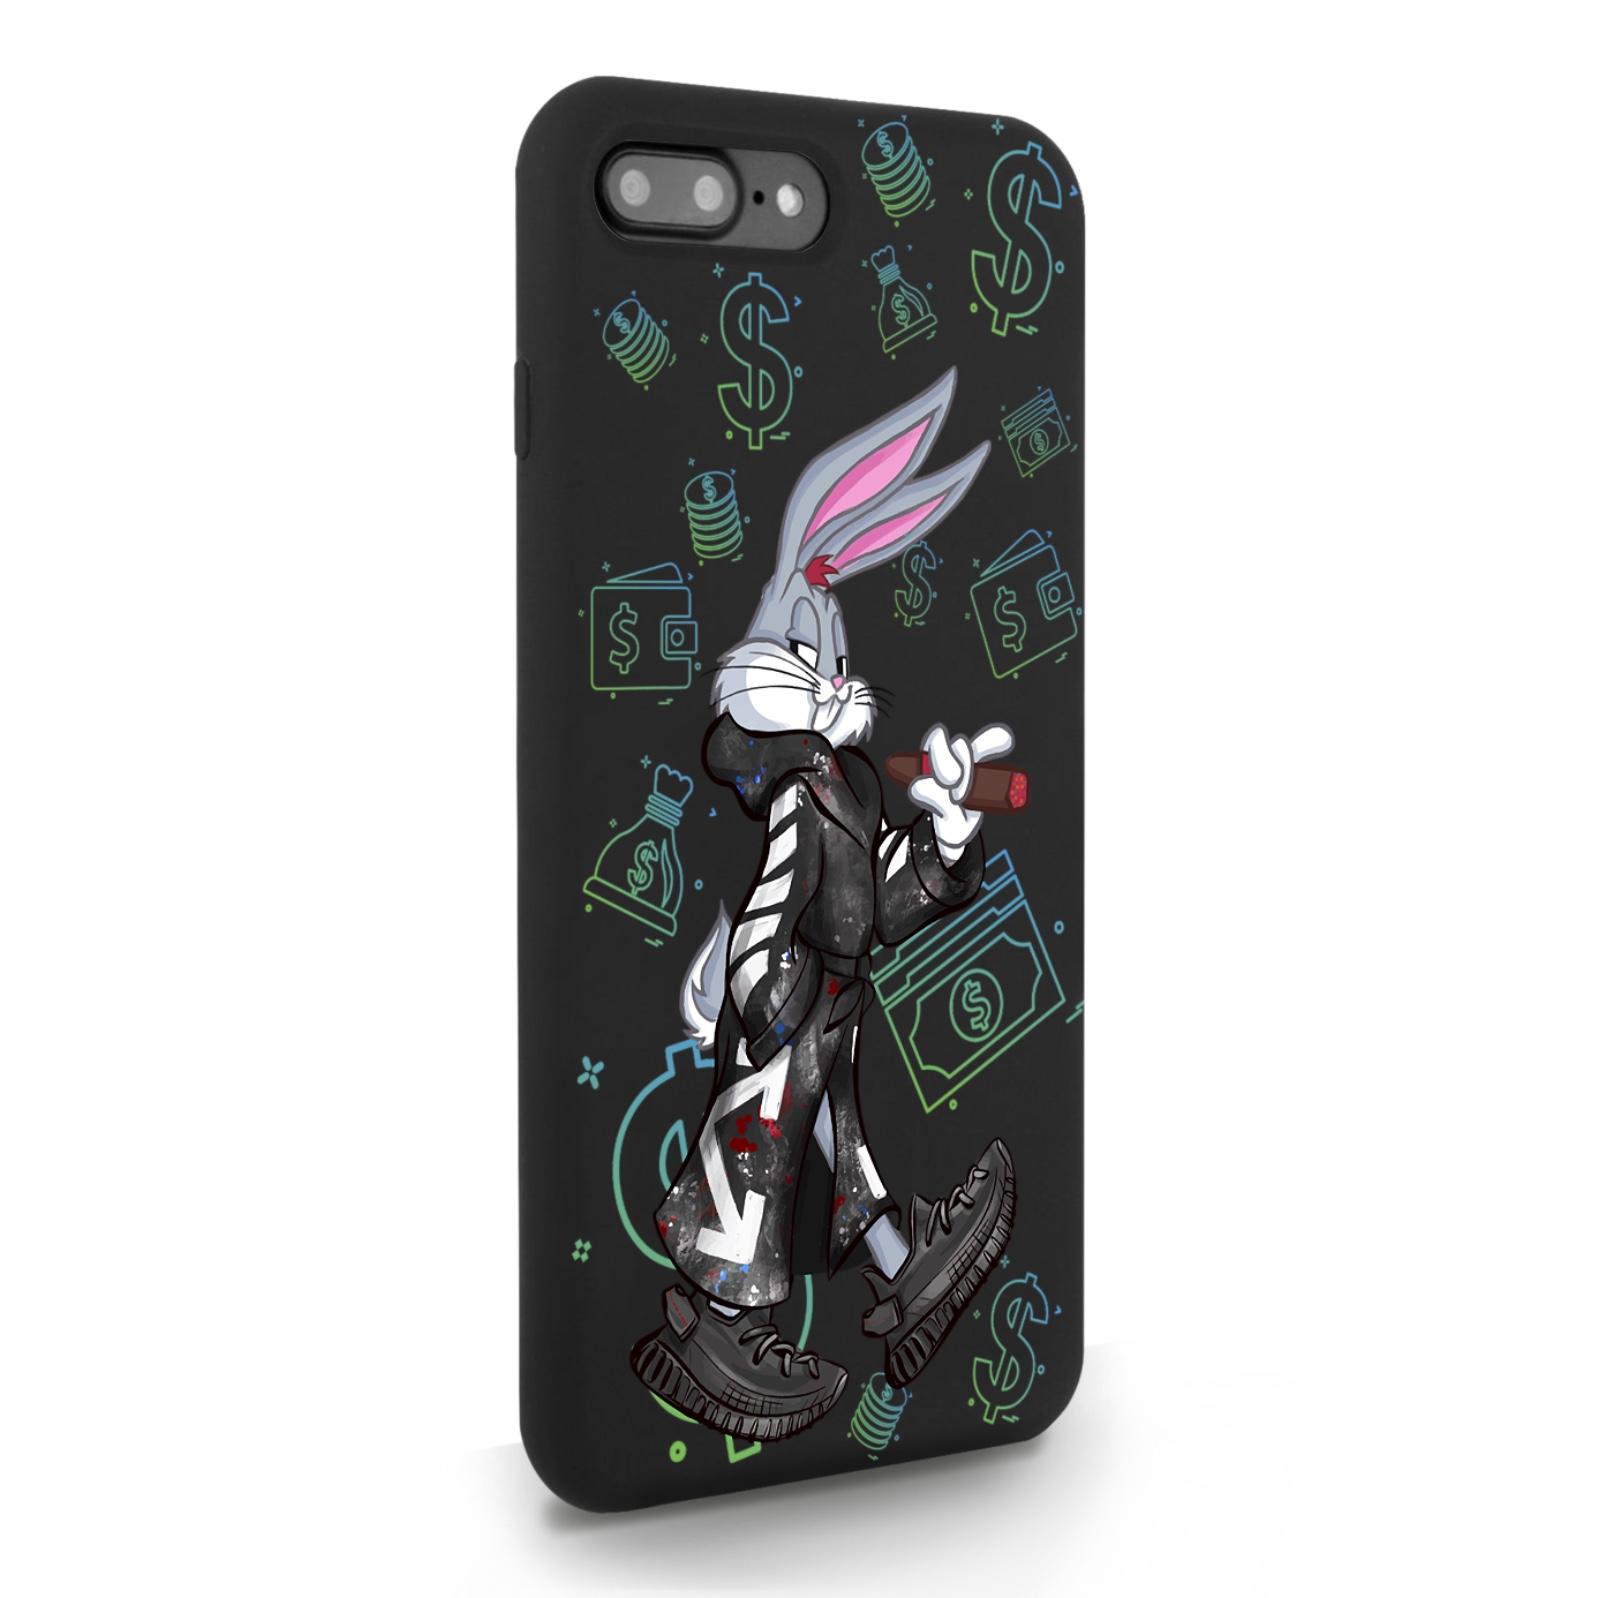 Черный силиконовый чехол для iPhone 7/8 Plus Mr. Rich Bunny Neon/ Мистер Богатый Заяц Неон для Айфон 7/8 Плюс